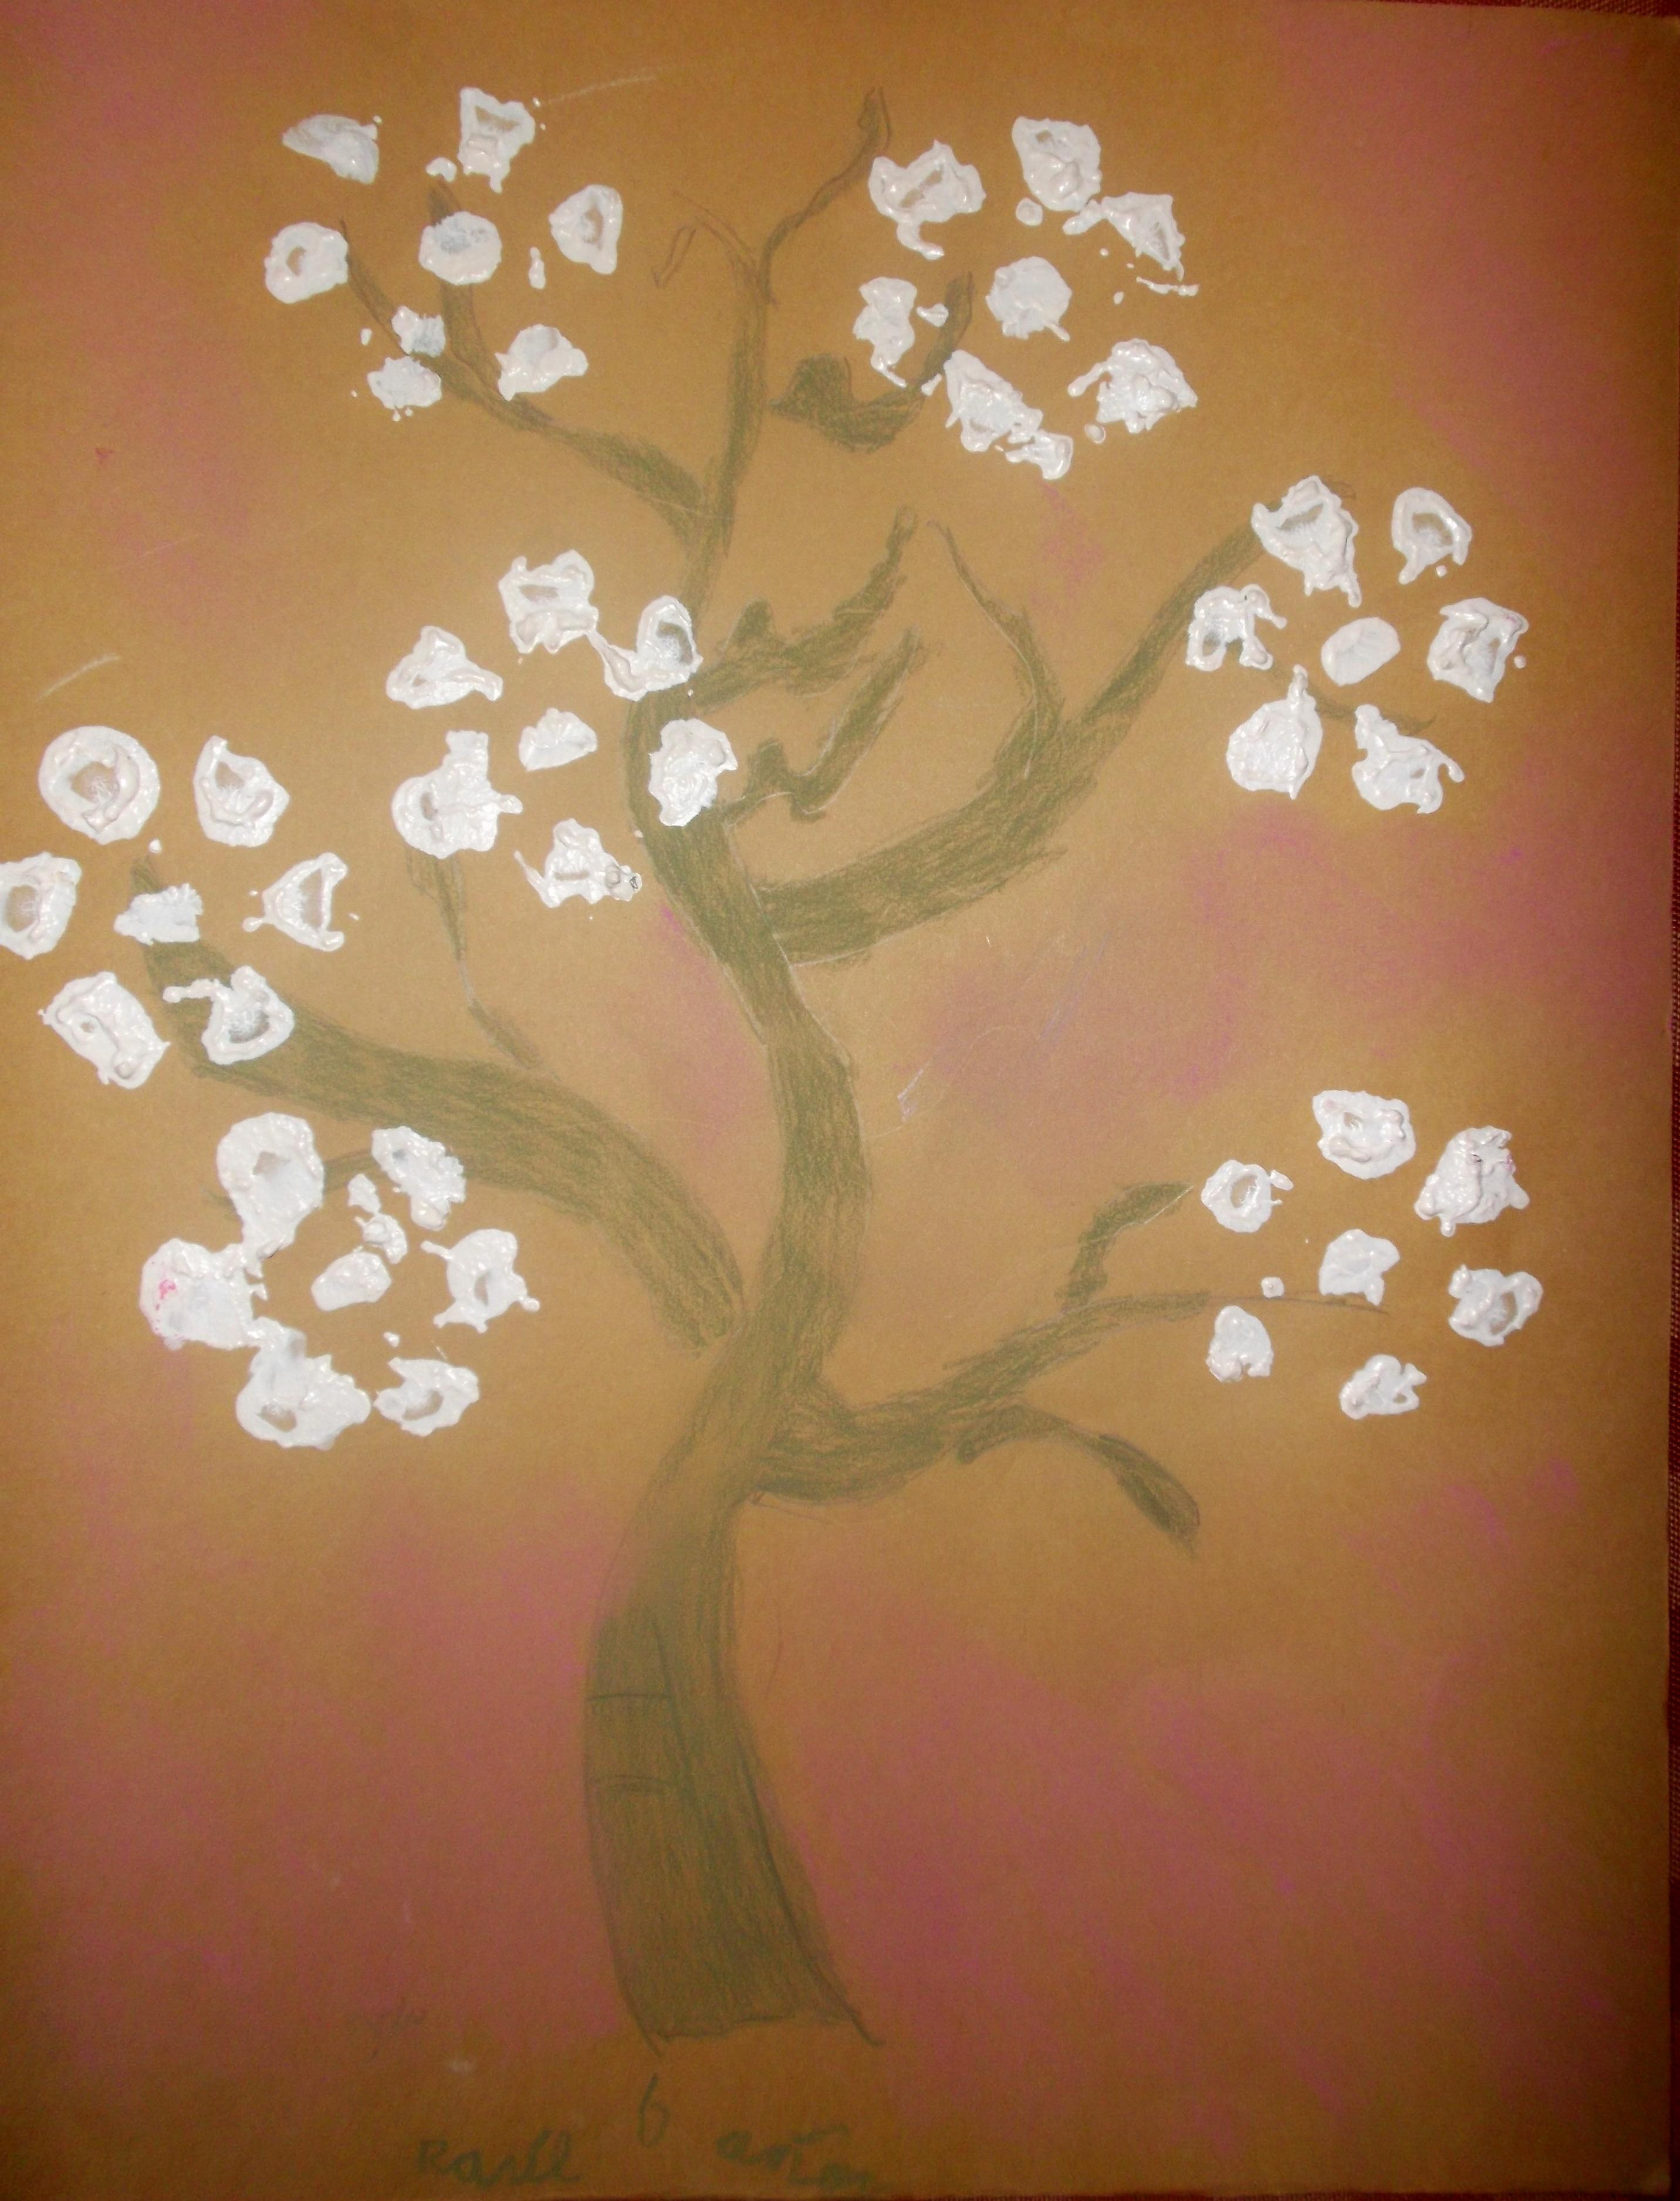 Pintar flores con botellas de plastico images - Pintar botellas de plastico ...